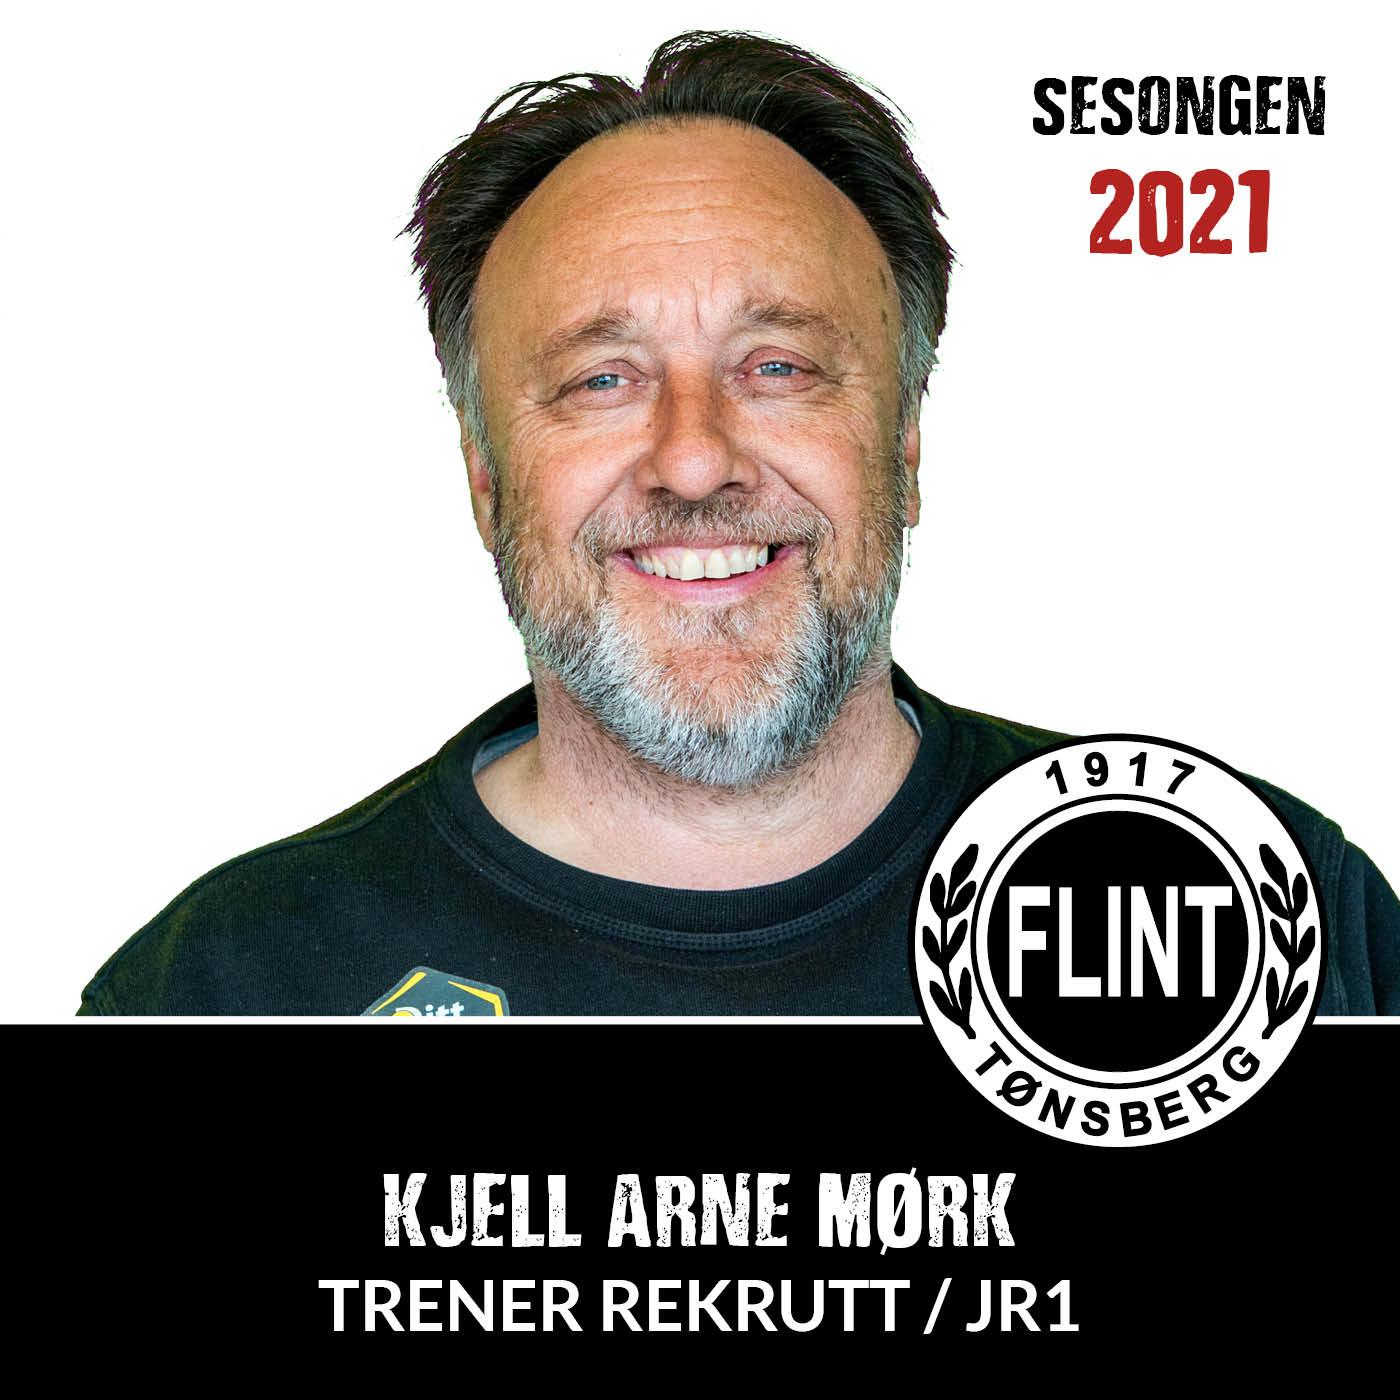 https://www.flintfotball.no/wp-content/uploads/2021/02/Trenere-Kjell-Arne-Mork.jpg